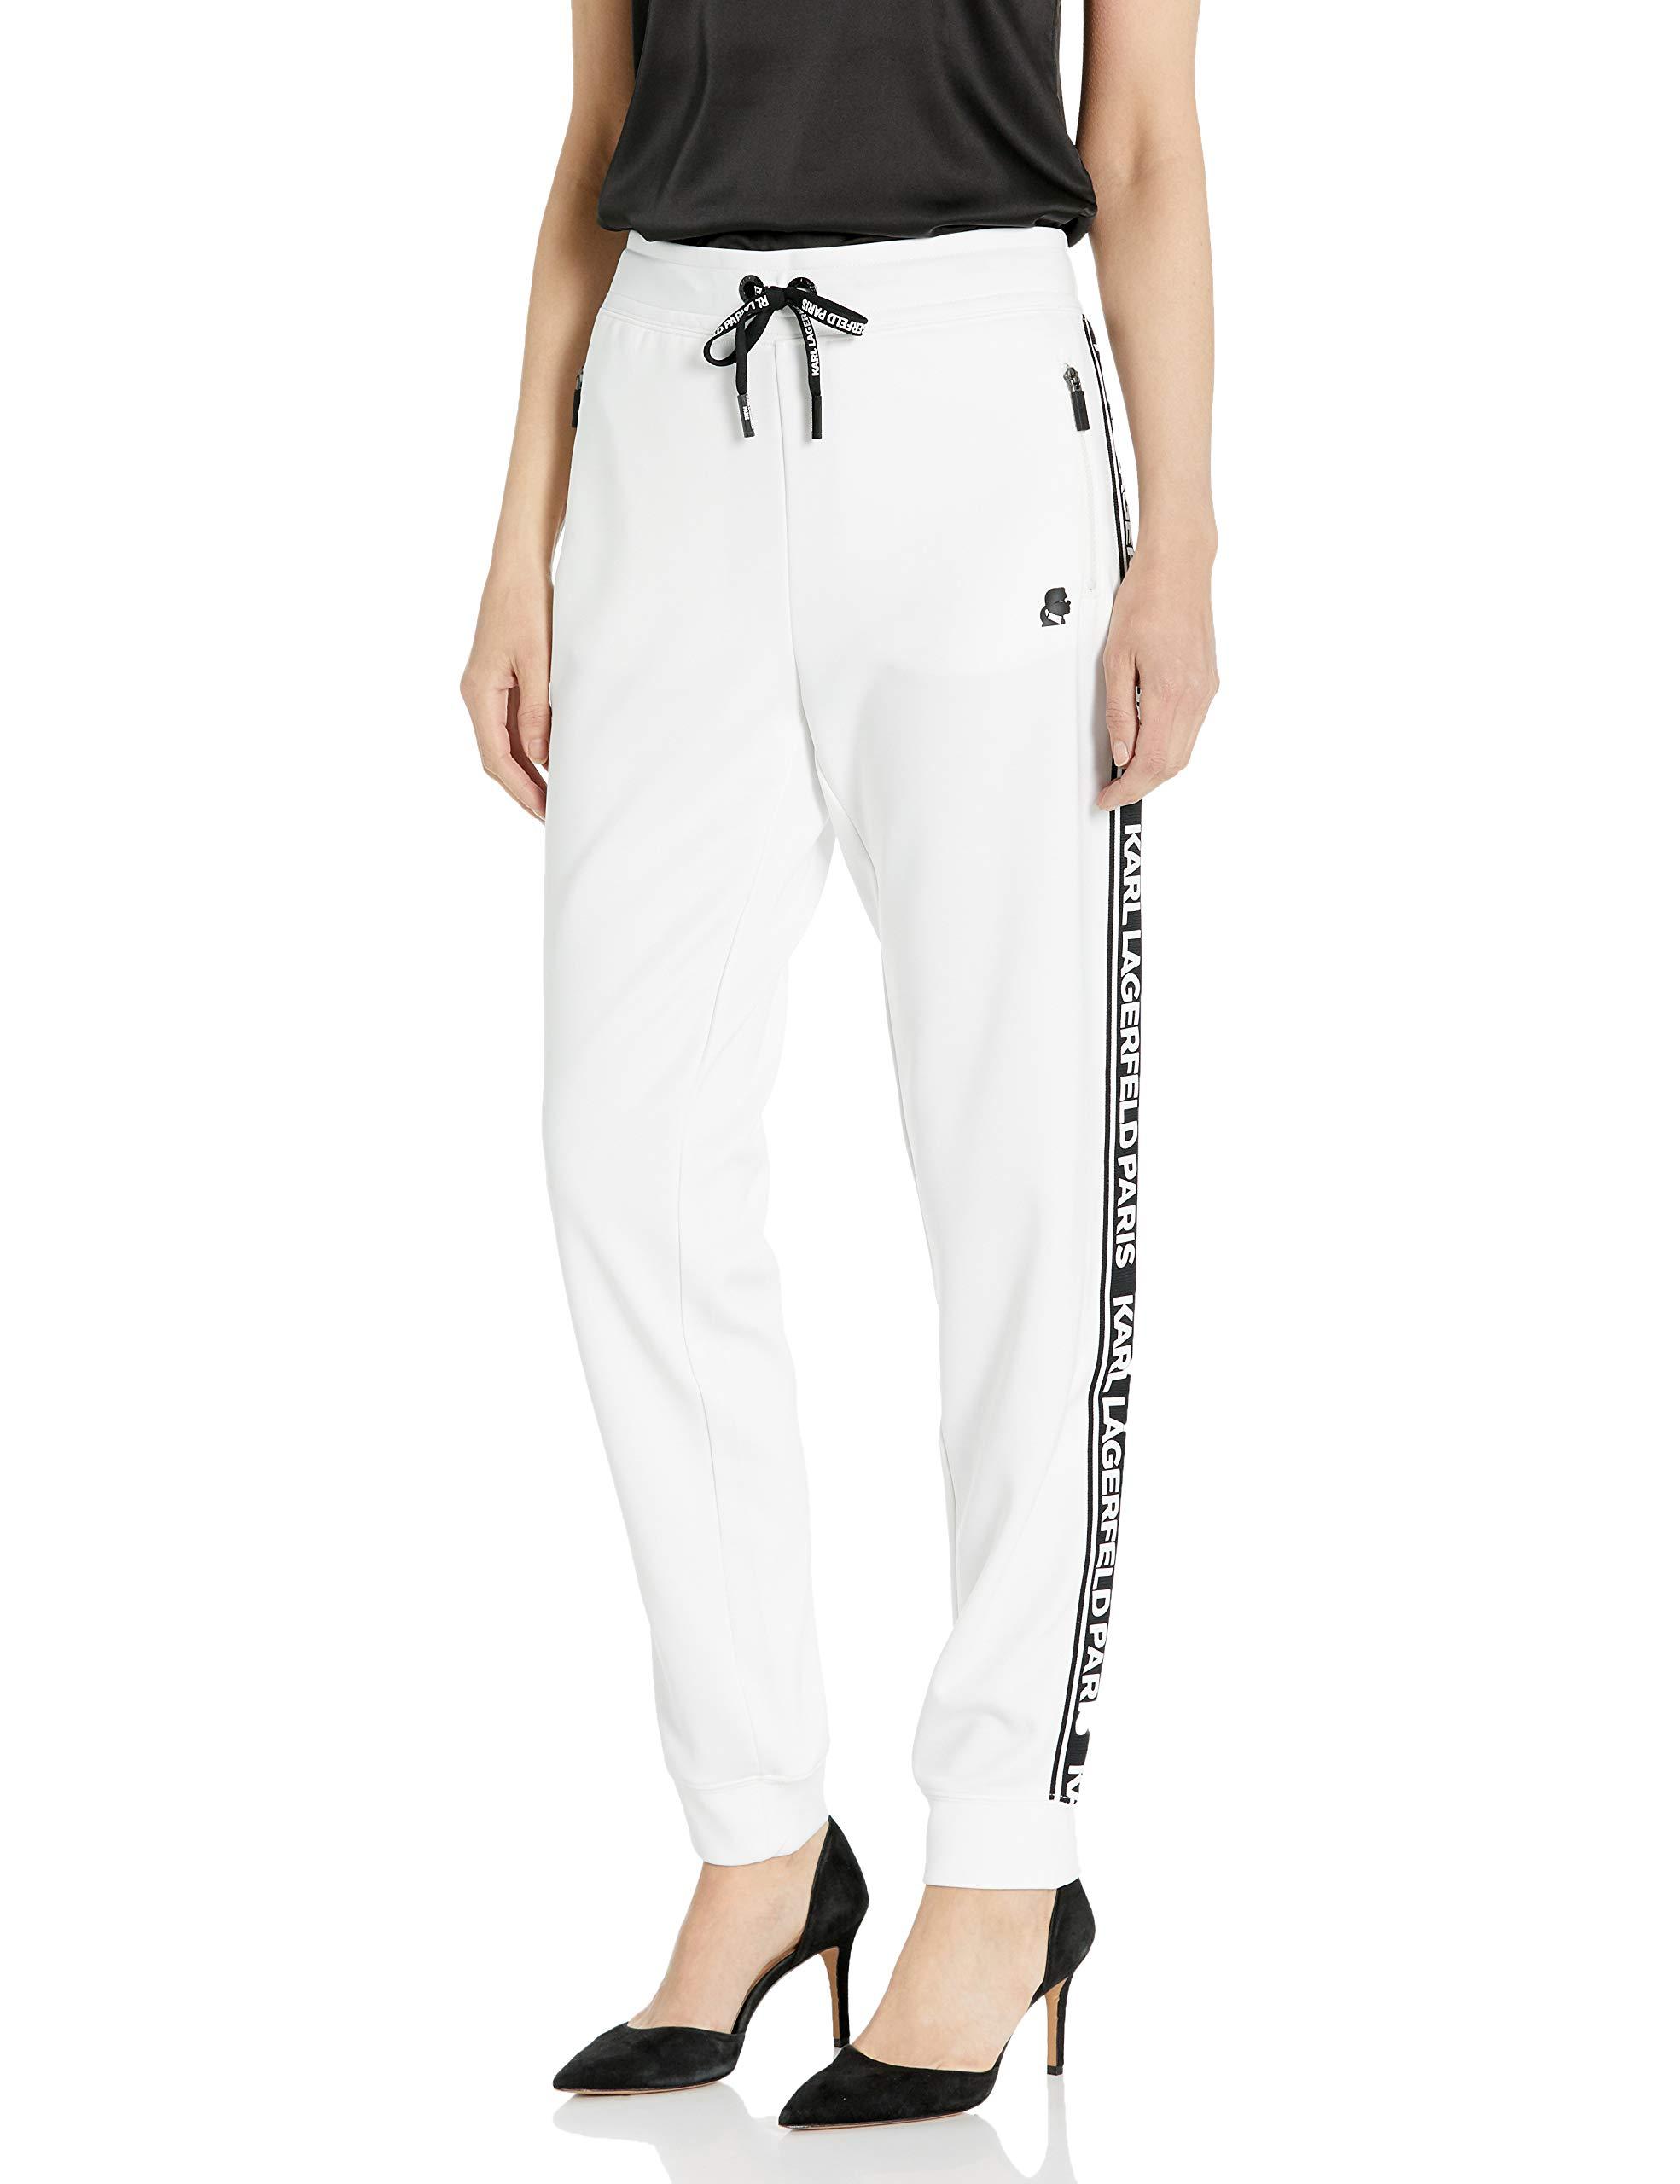 Karl Lagerfeld Paris Women's Logo Taping Jogger Pant